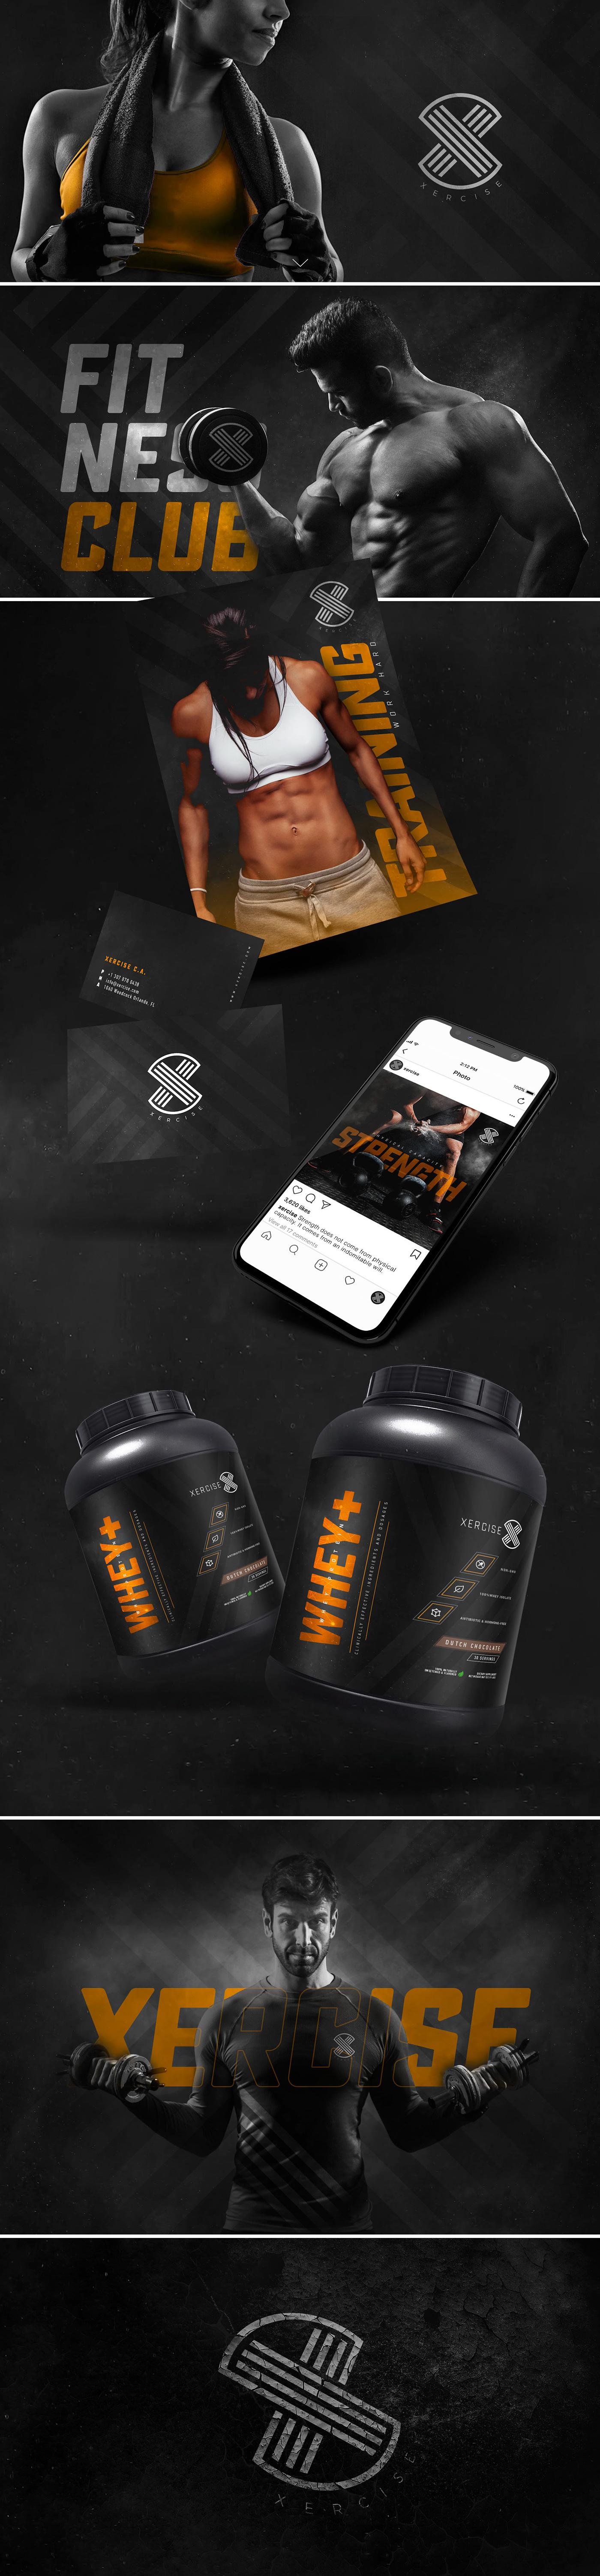 fitness sport design logo